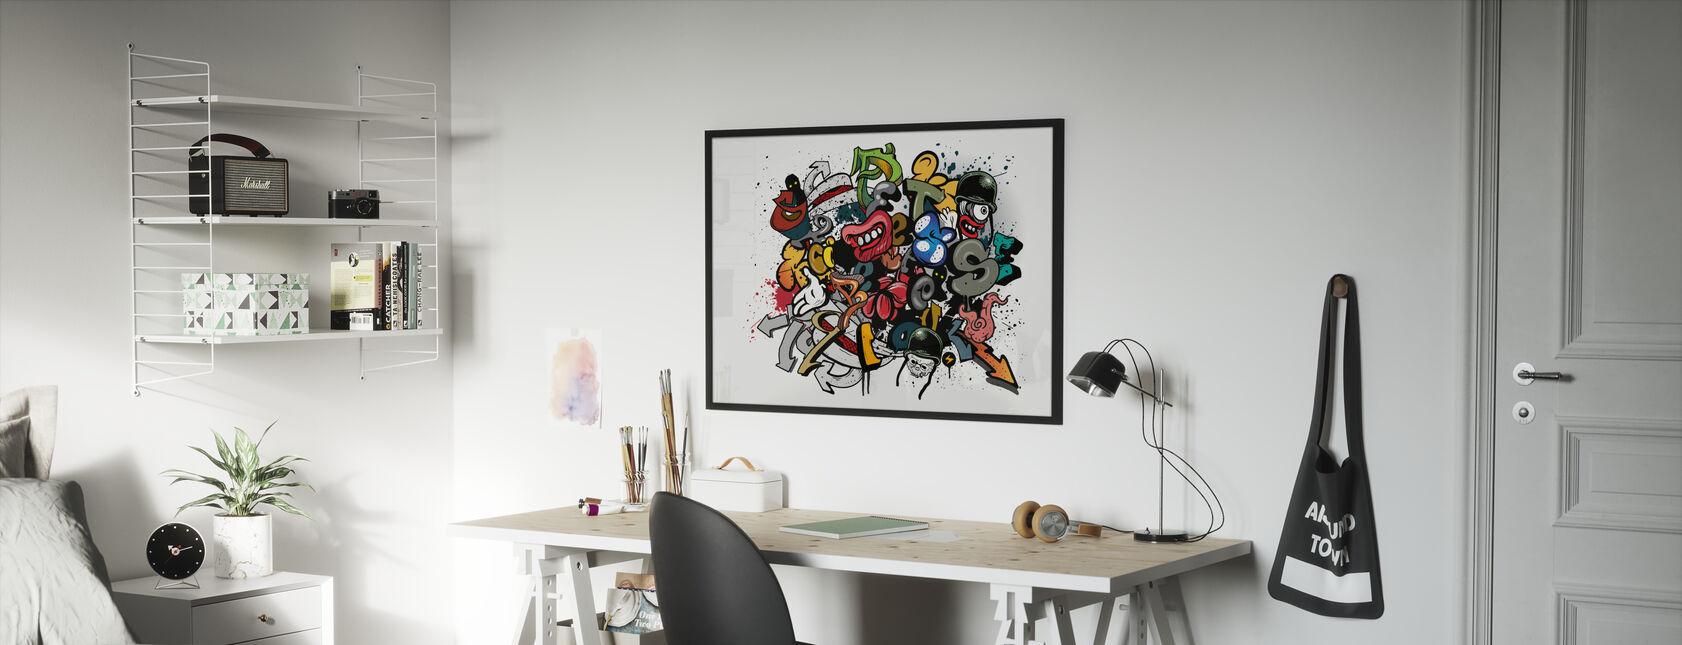 Graffiti elementer - Indrammet billede - Børneværelse